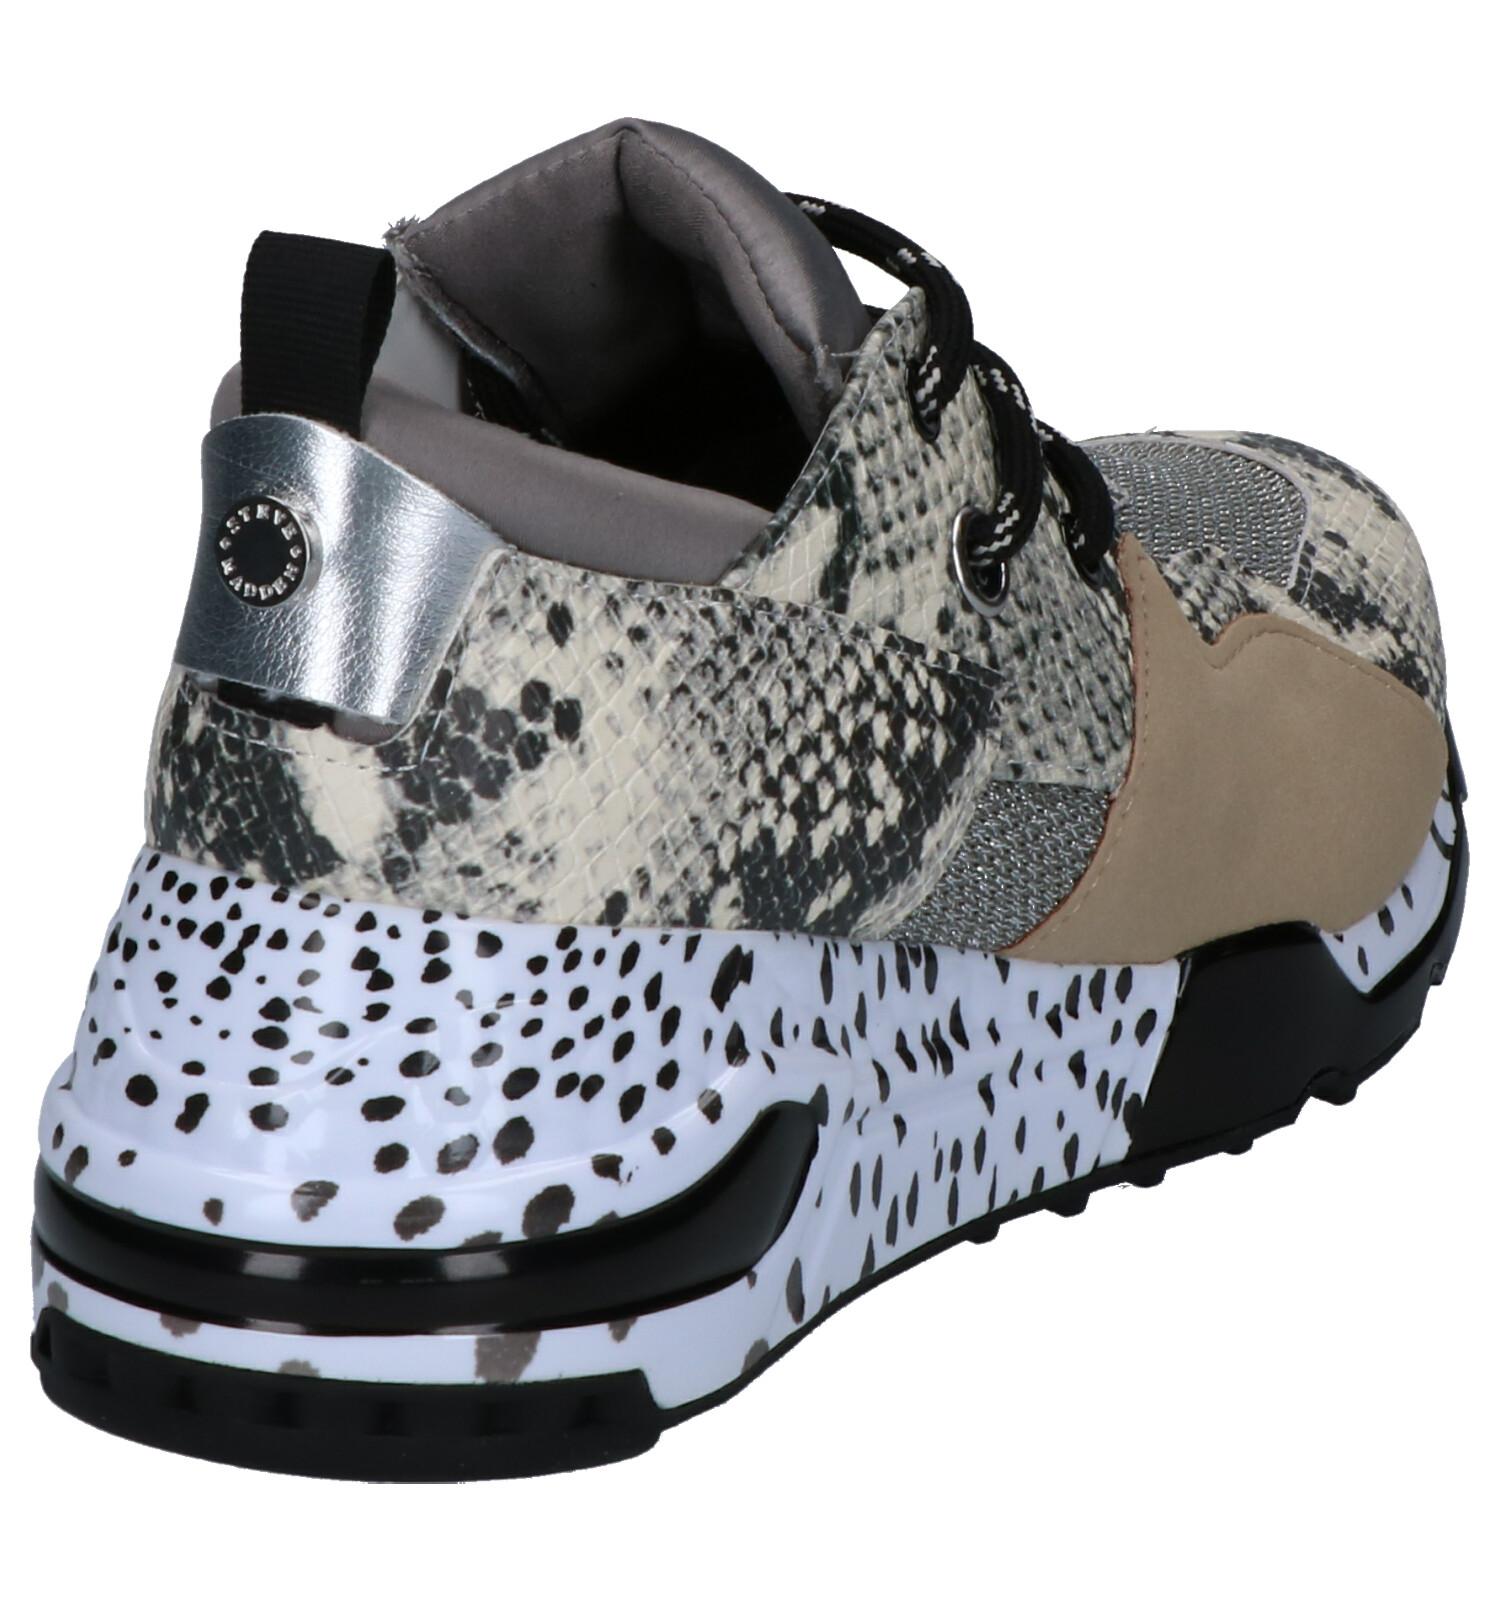 Steve Beige Cliff Madden Sneakers Madden Steve qUVGSpMz